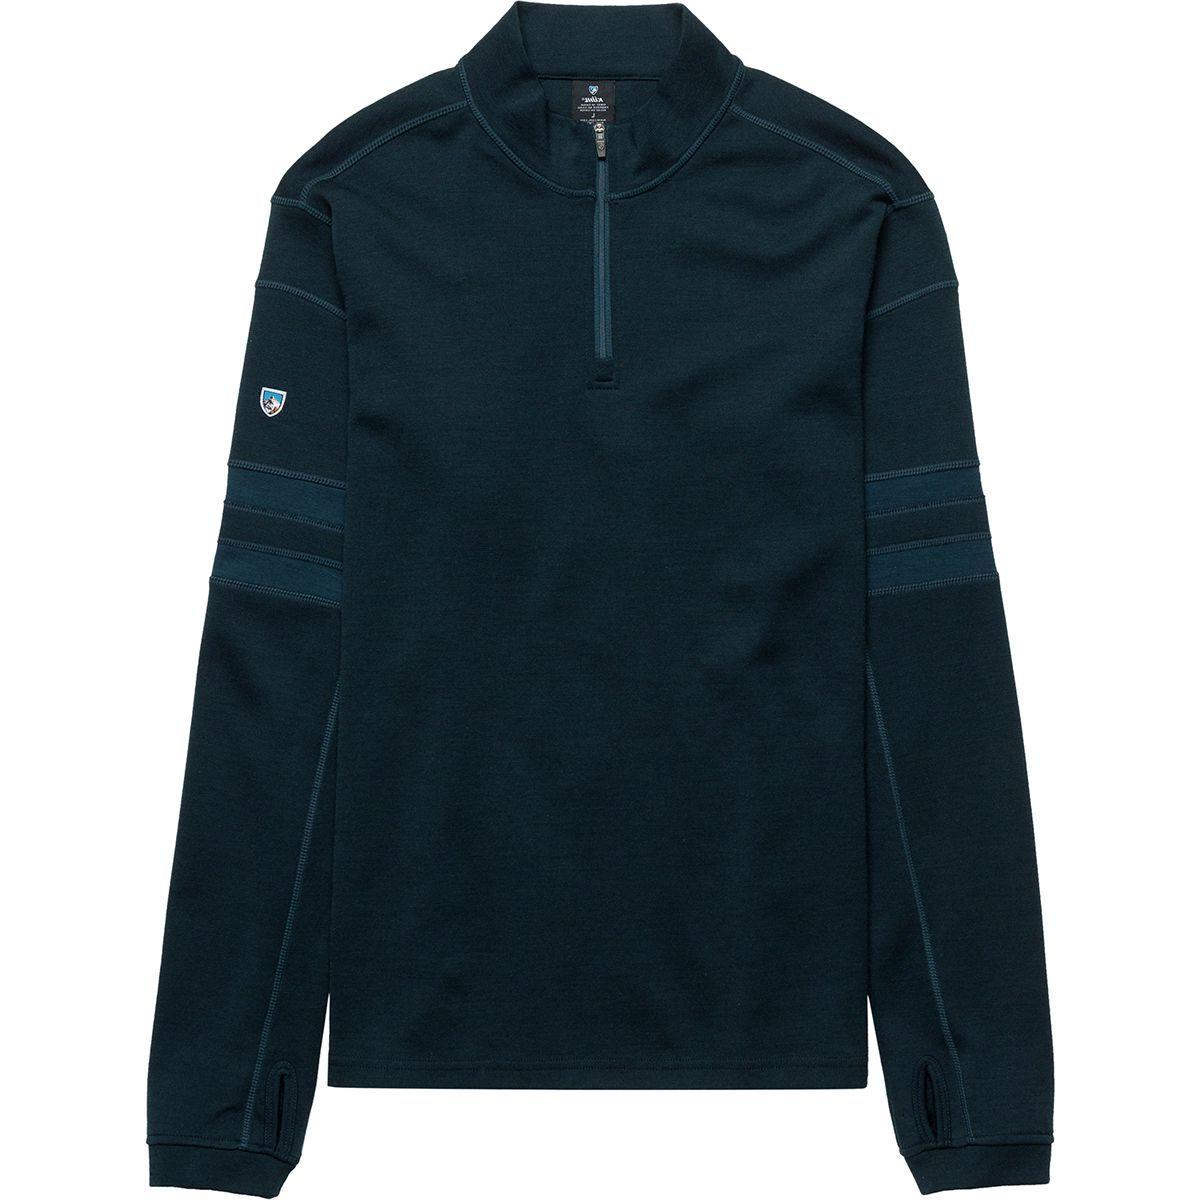 KUHL Team 1/4-Zip Sweater - Men's